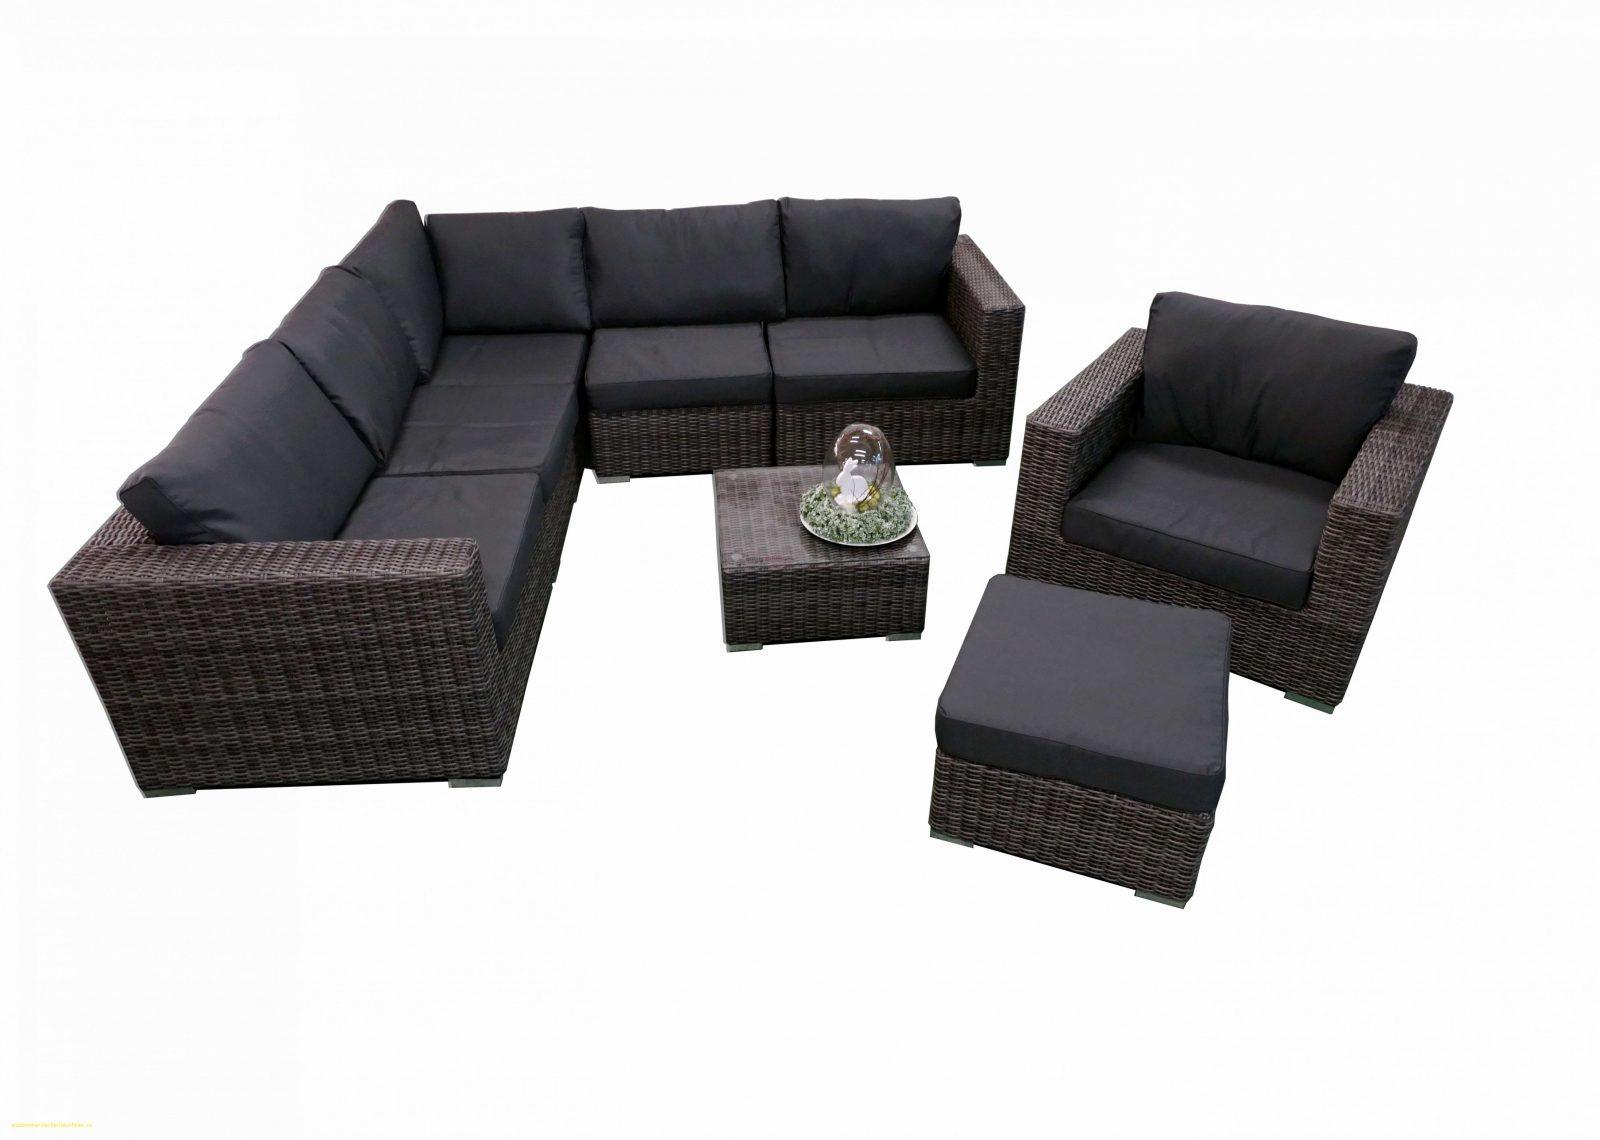 2 Sitzer Sofa Mit Recamiere Design 32 Das Beste Von Dieses Jahr von Rattan Sofa Mit Schlaffunktion Bild